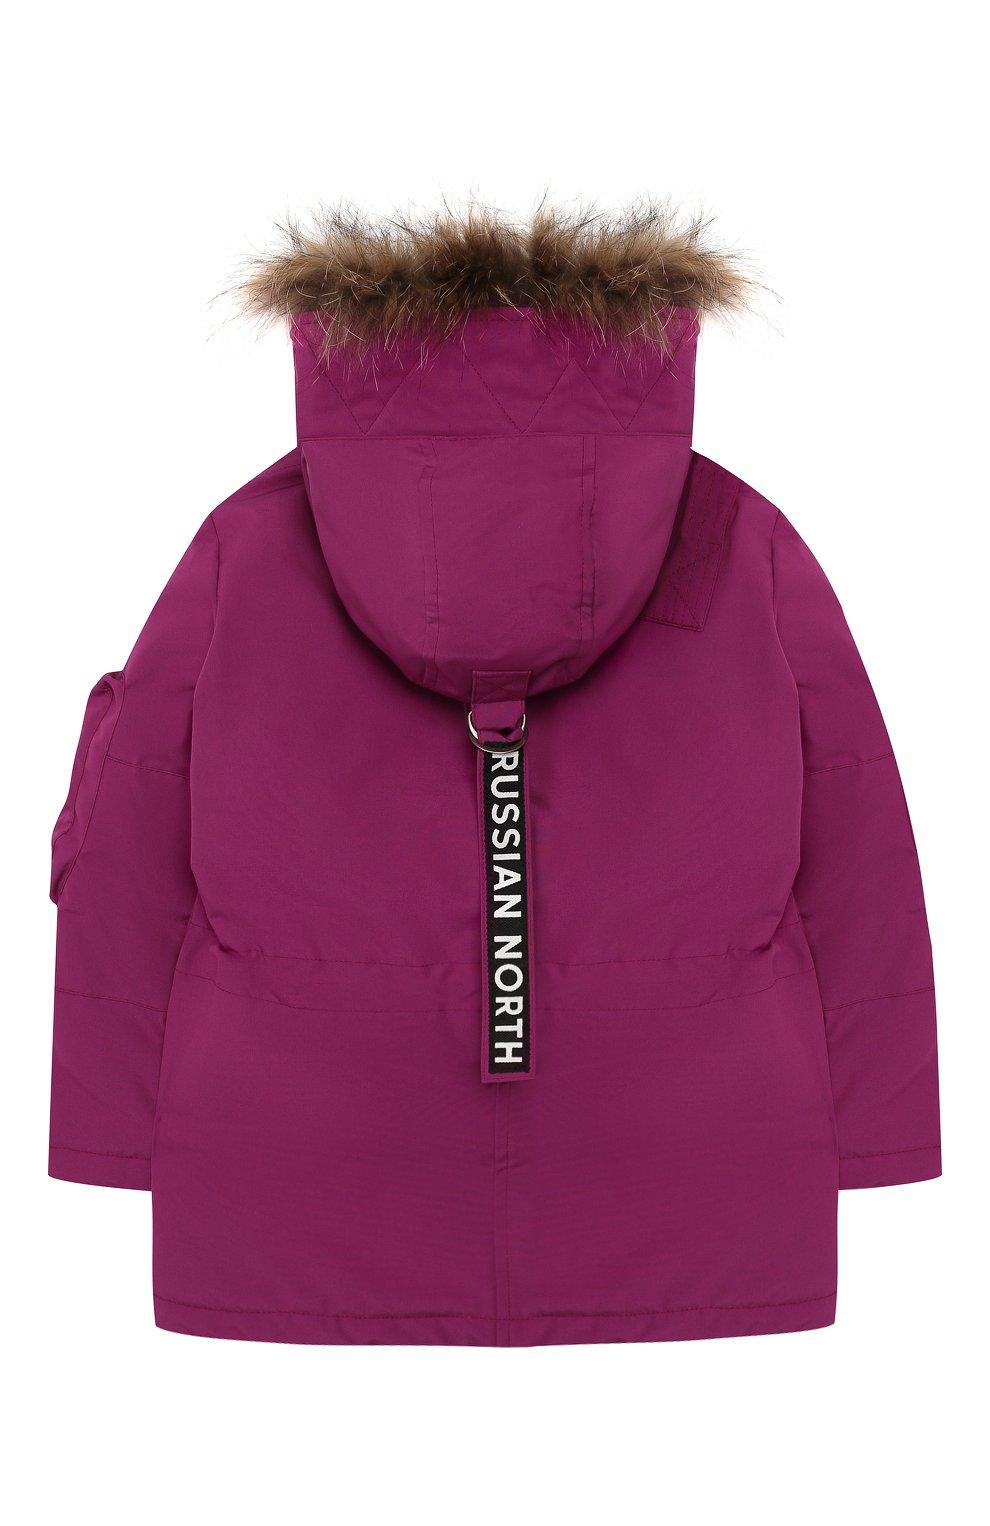 Детского пуховая куртка umka ARCTIC EXPLORER фуксия цвета, арт. UMKA_PNK | Фото 2